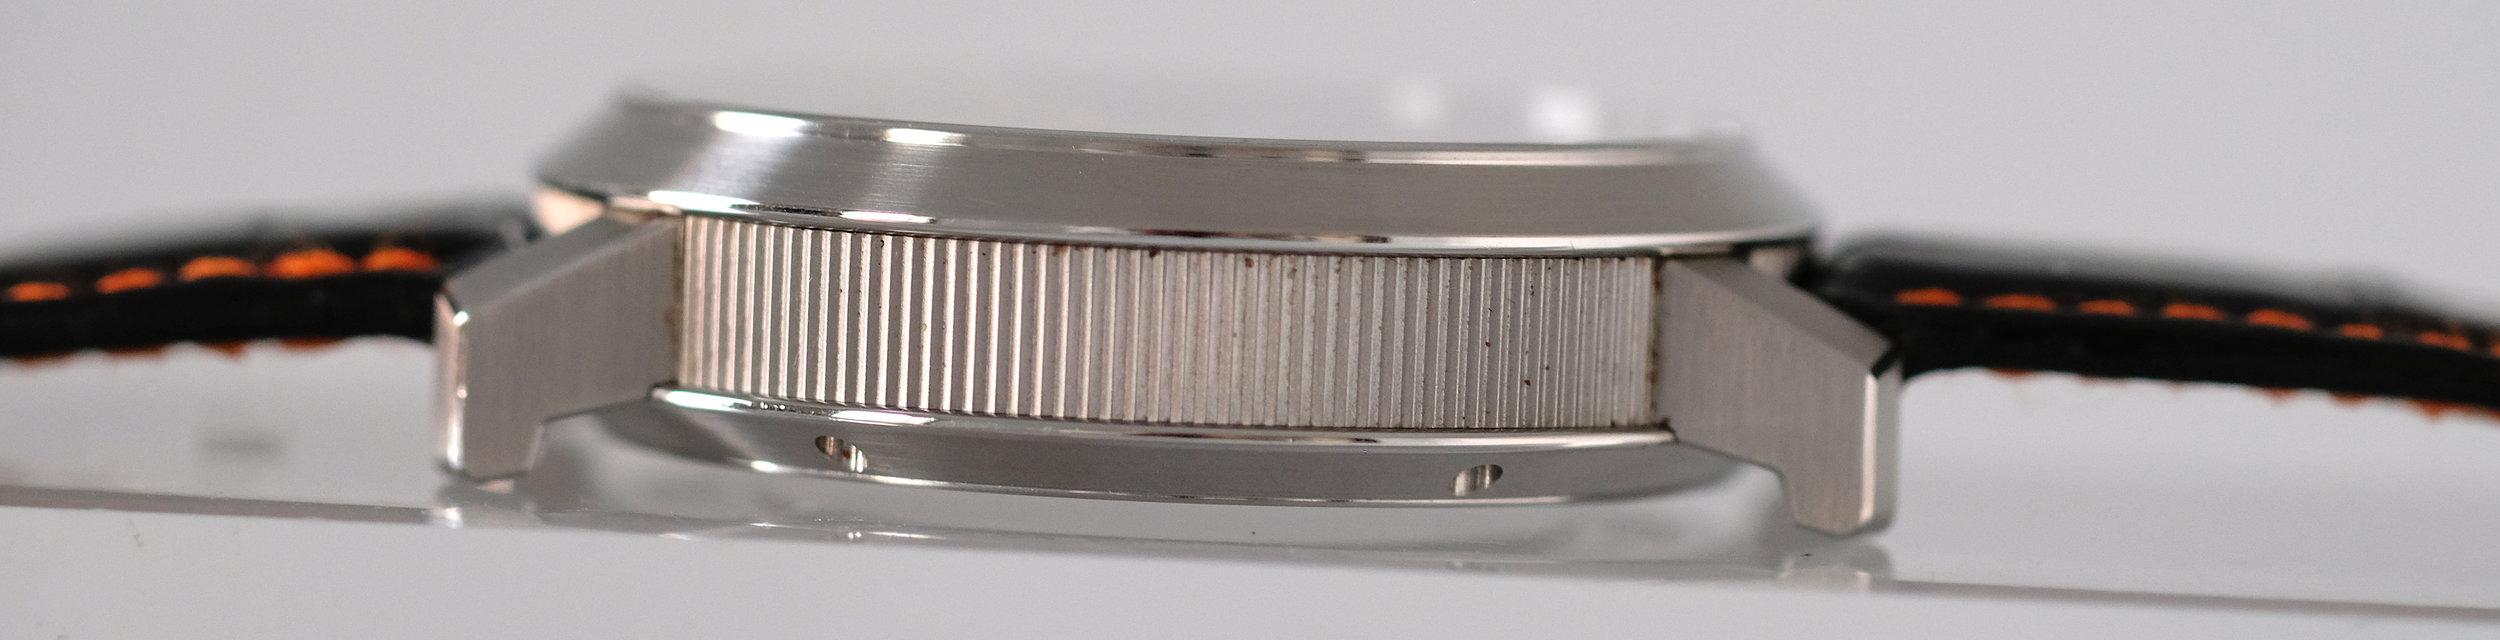 DSCF9826.JPG